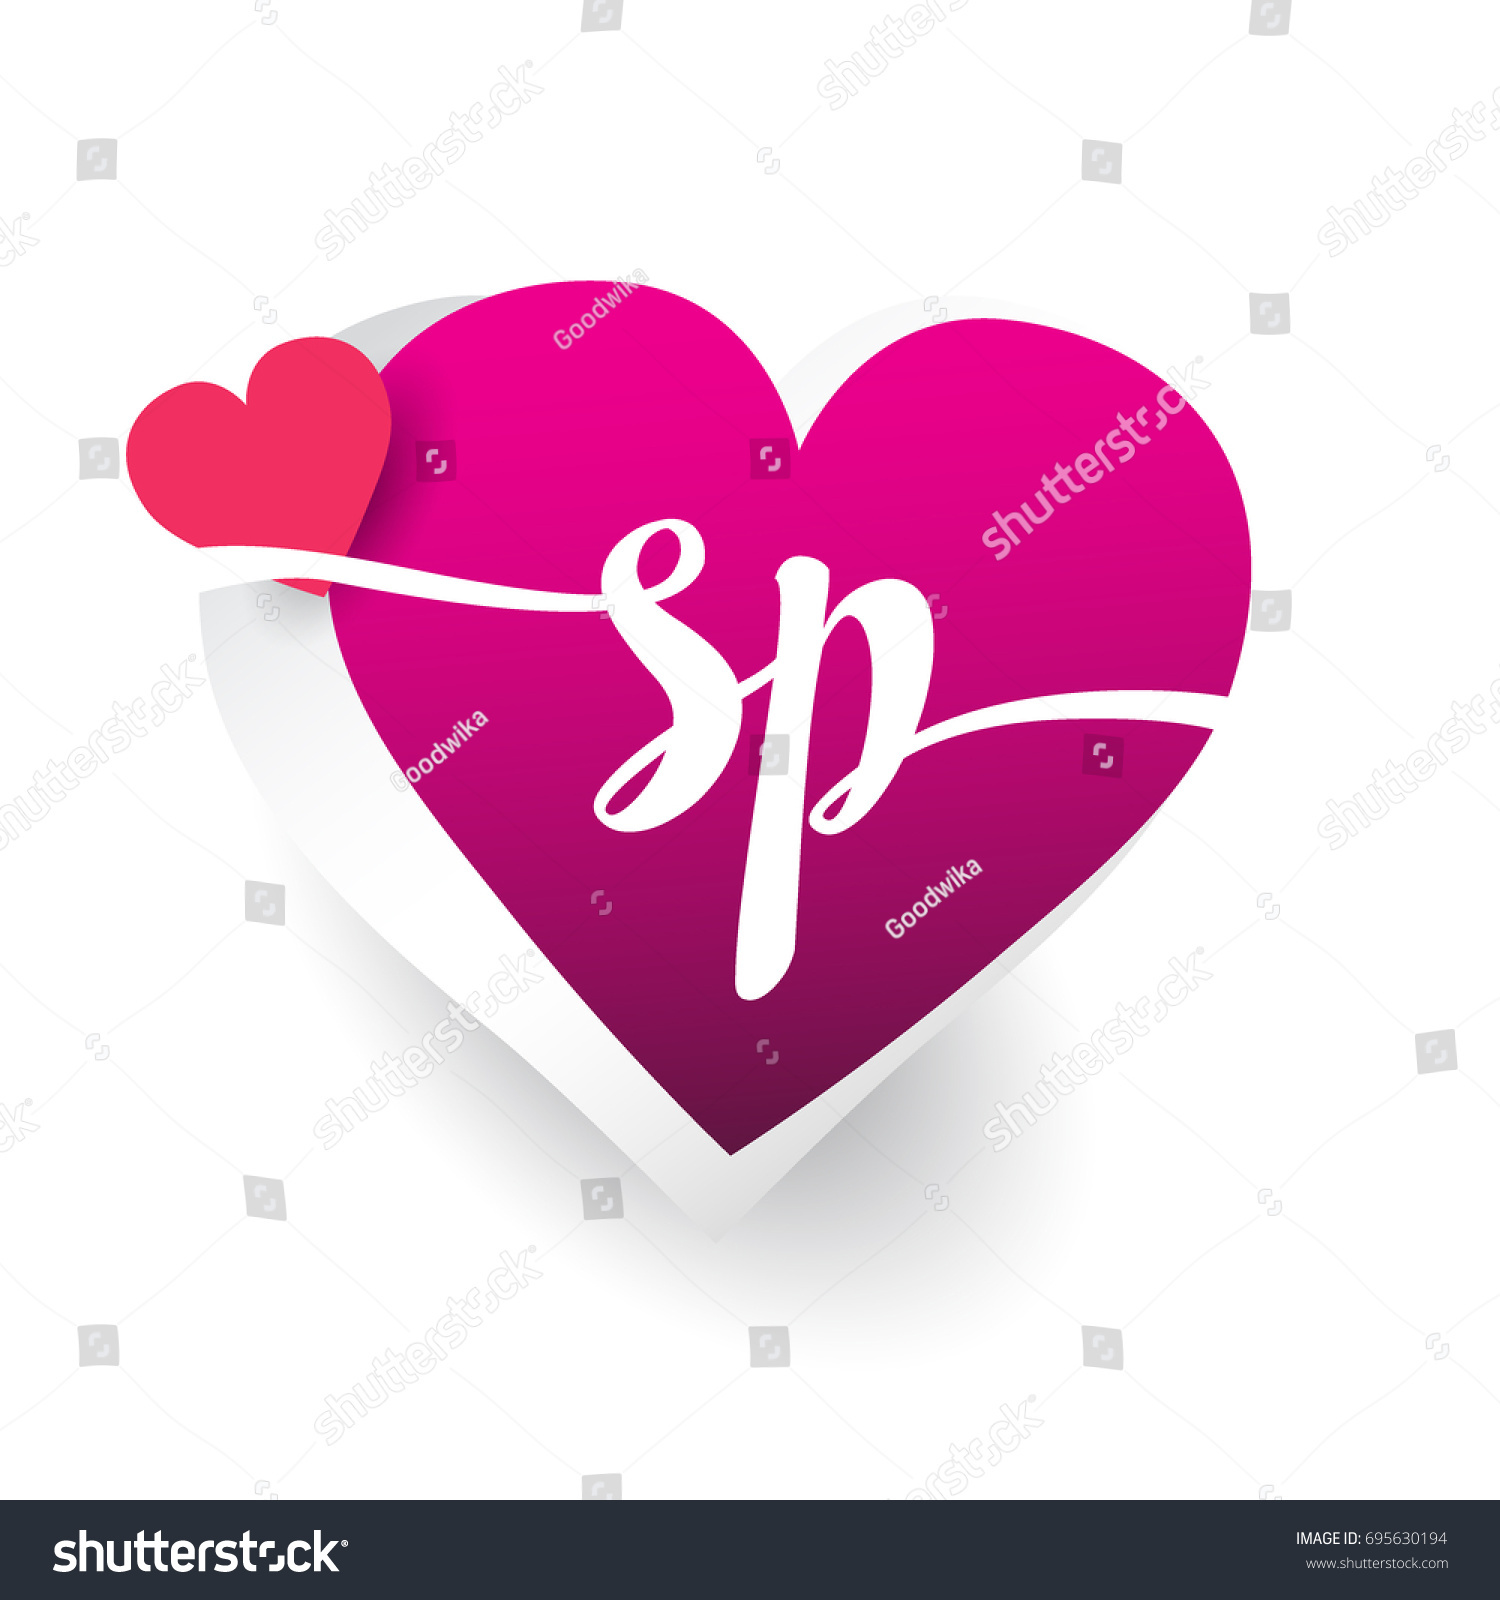 Wallpaper Loves Wallpaper Love Name P Letter Images